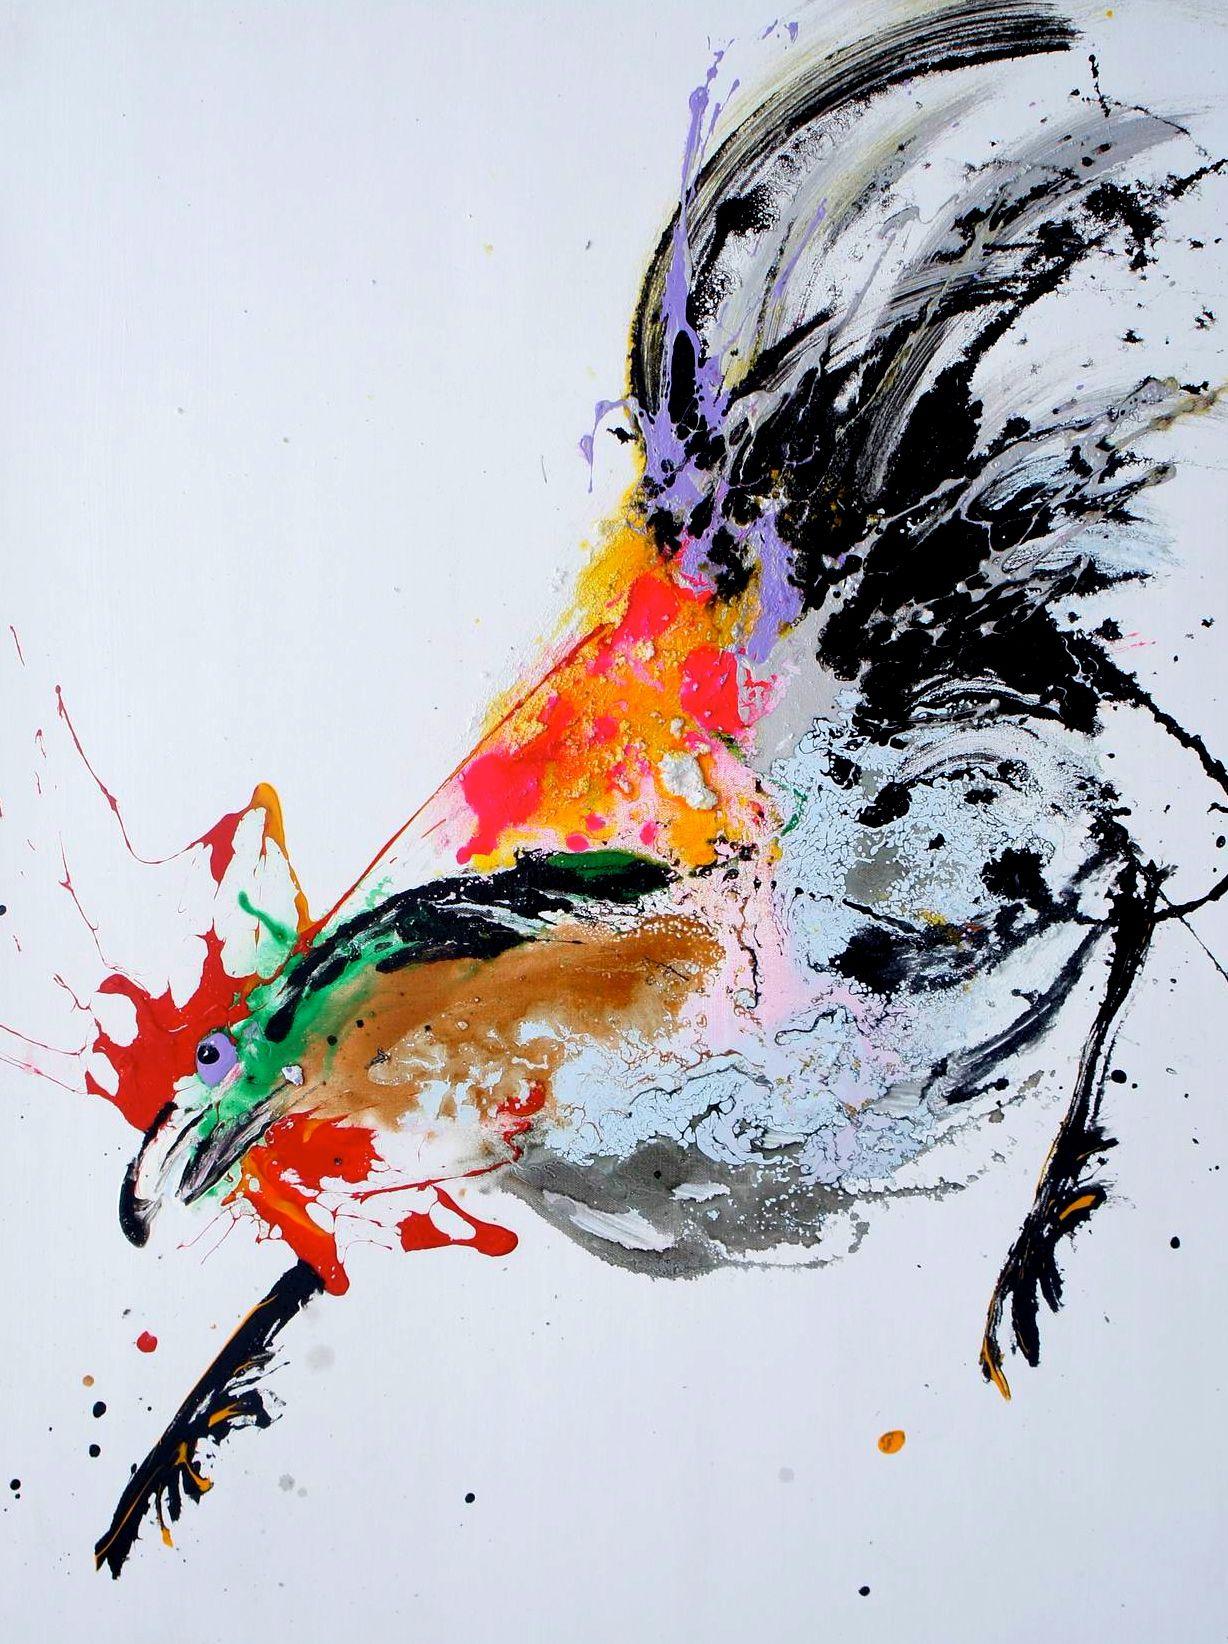 Poule gauloise qunce zeng artistes galerie d 39 art jean for Art contemporain artistes